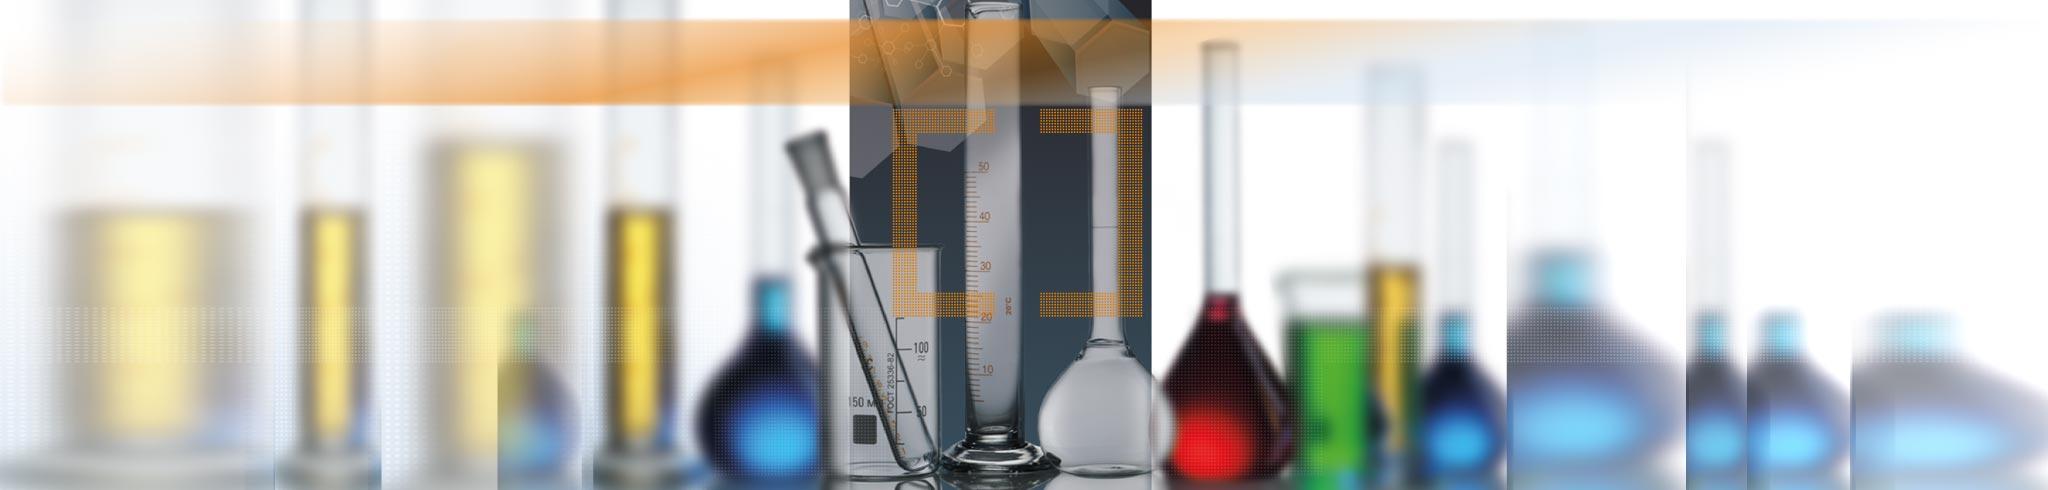 inventions dans la chimie